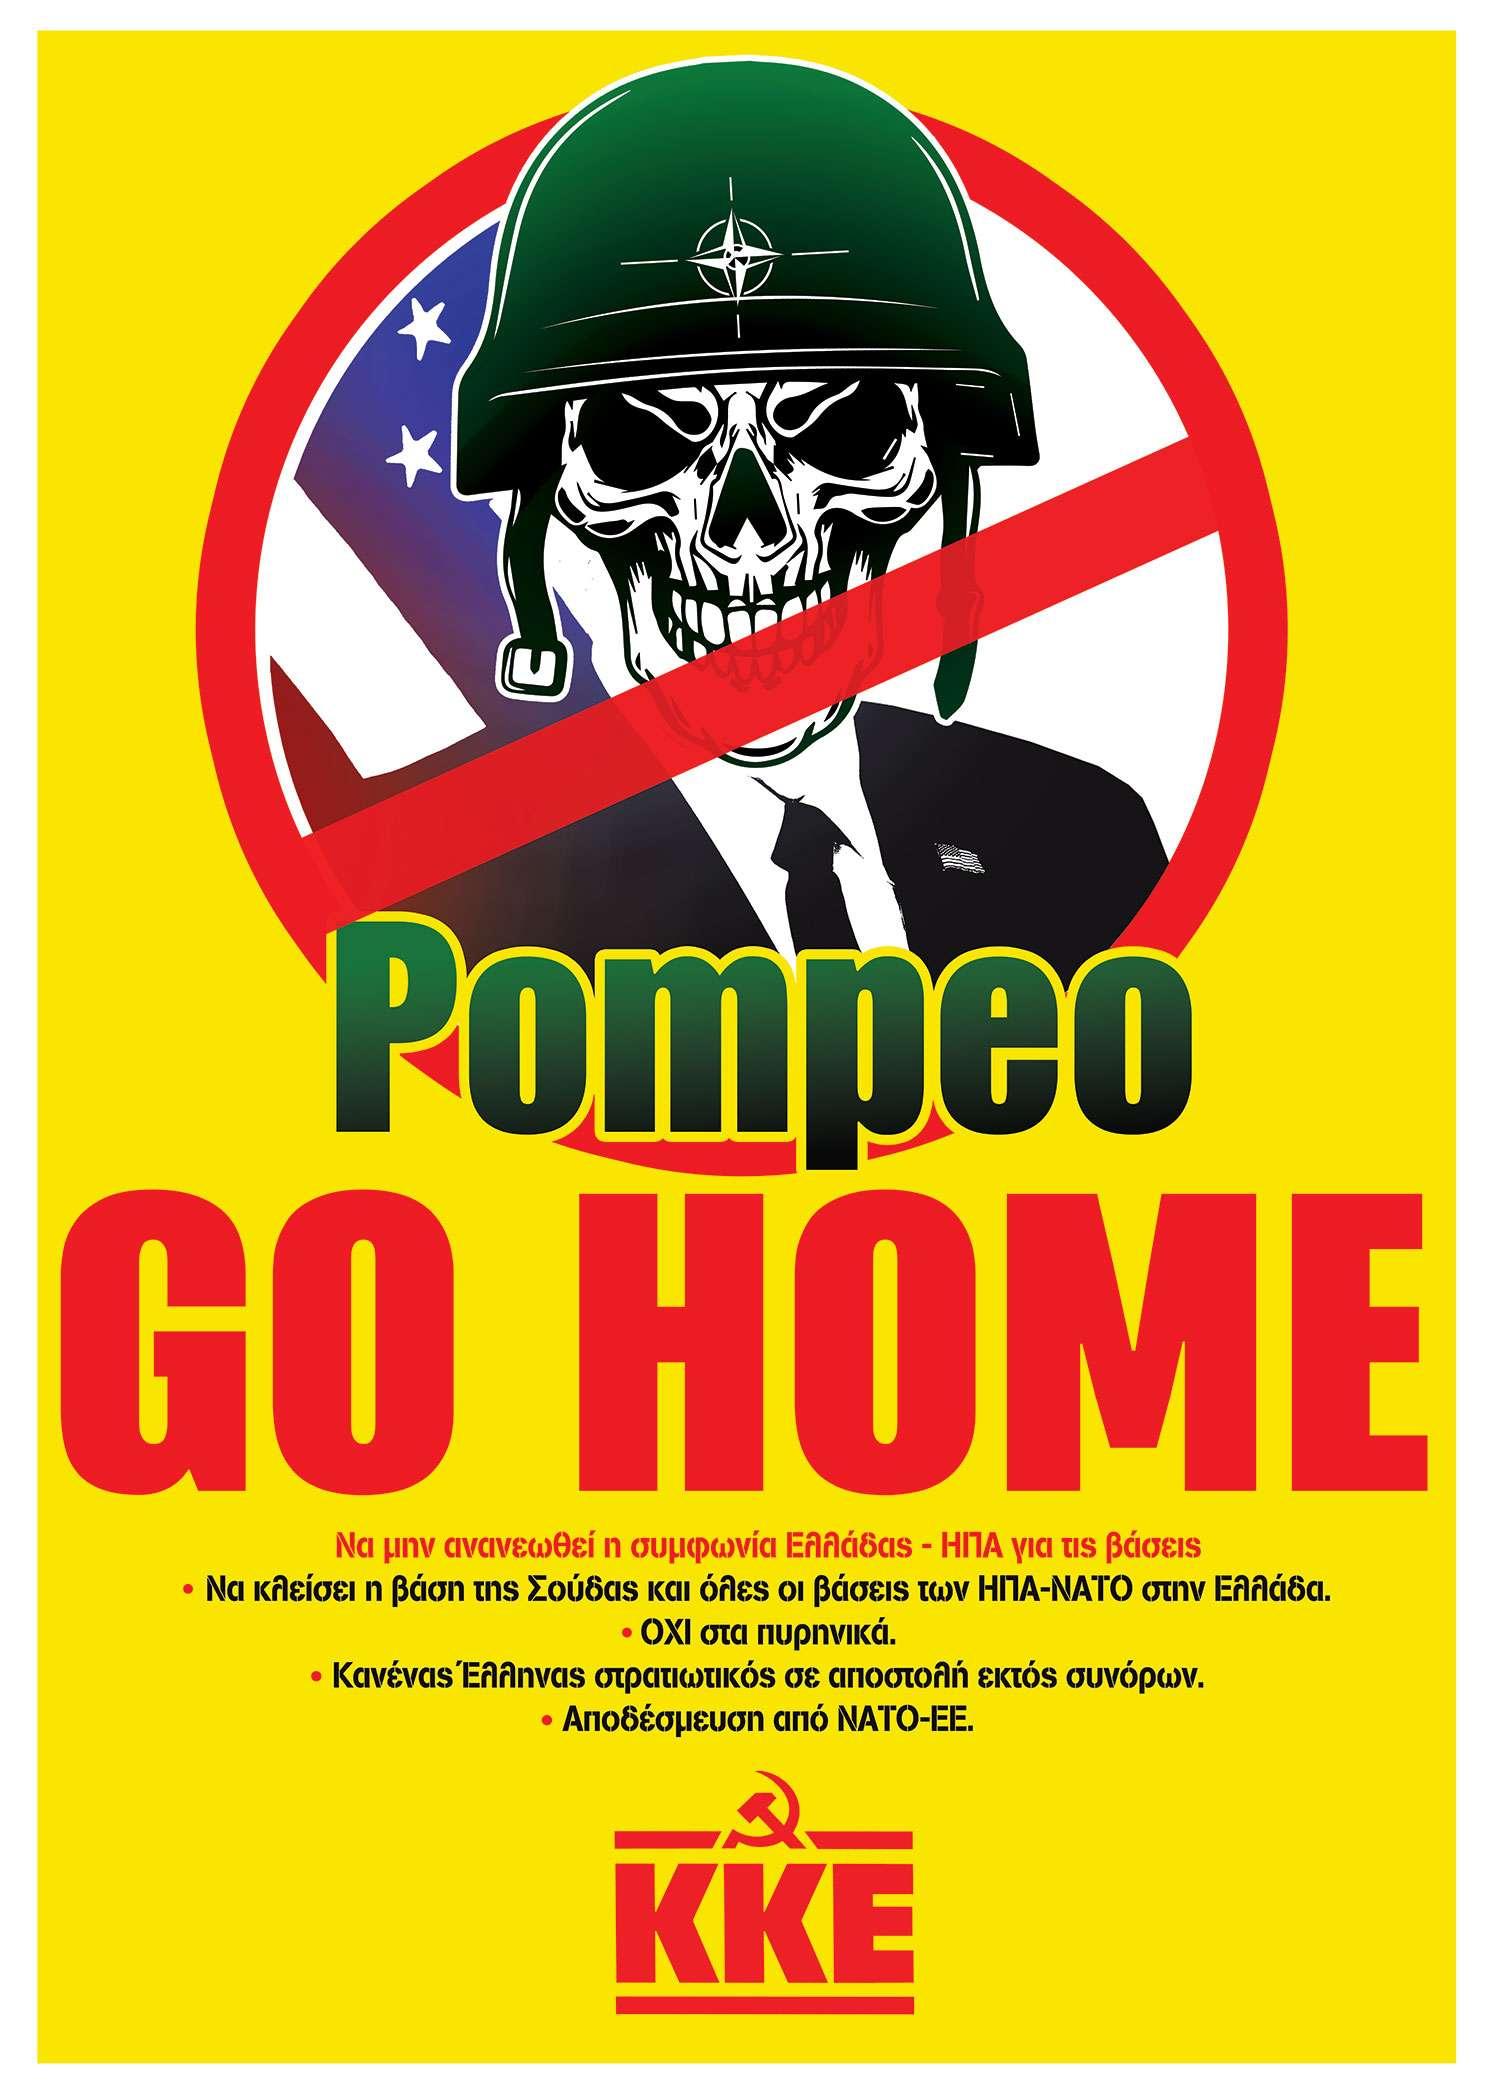 ΚΚΕ KKE -Pompeo GO HOME